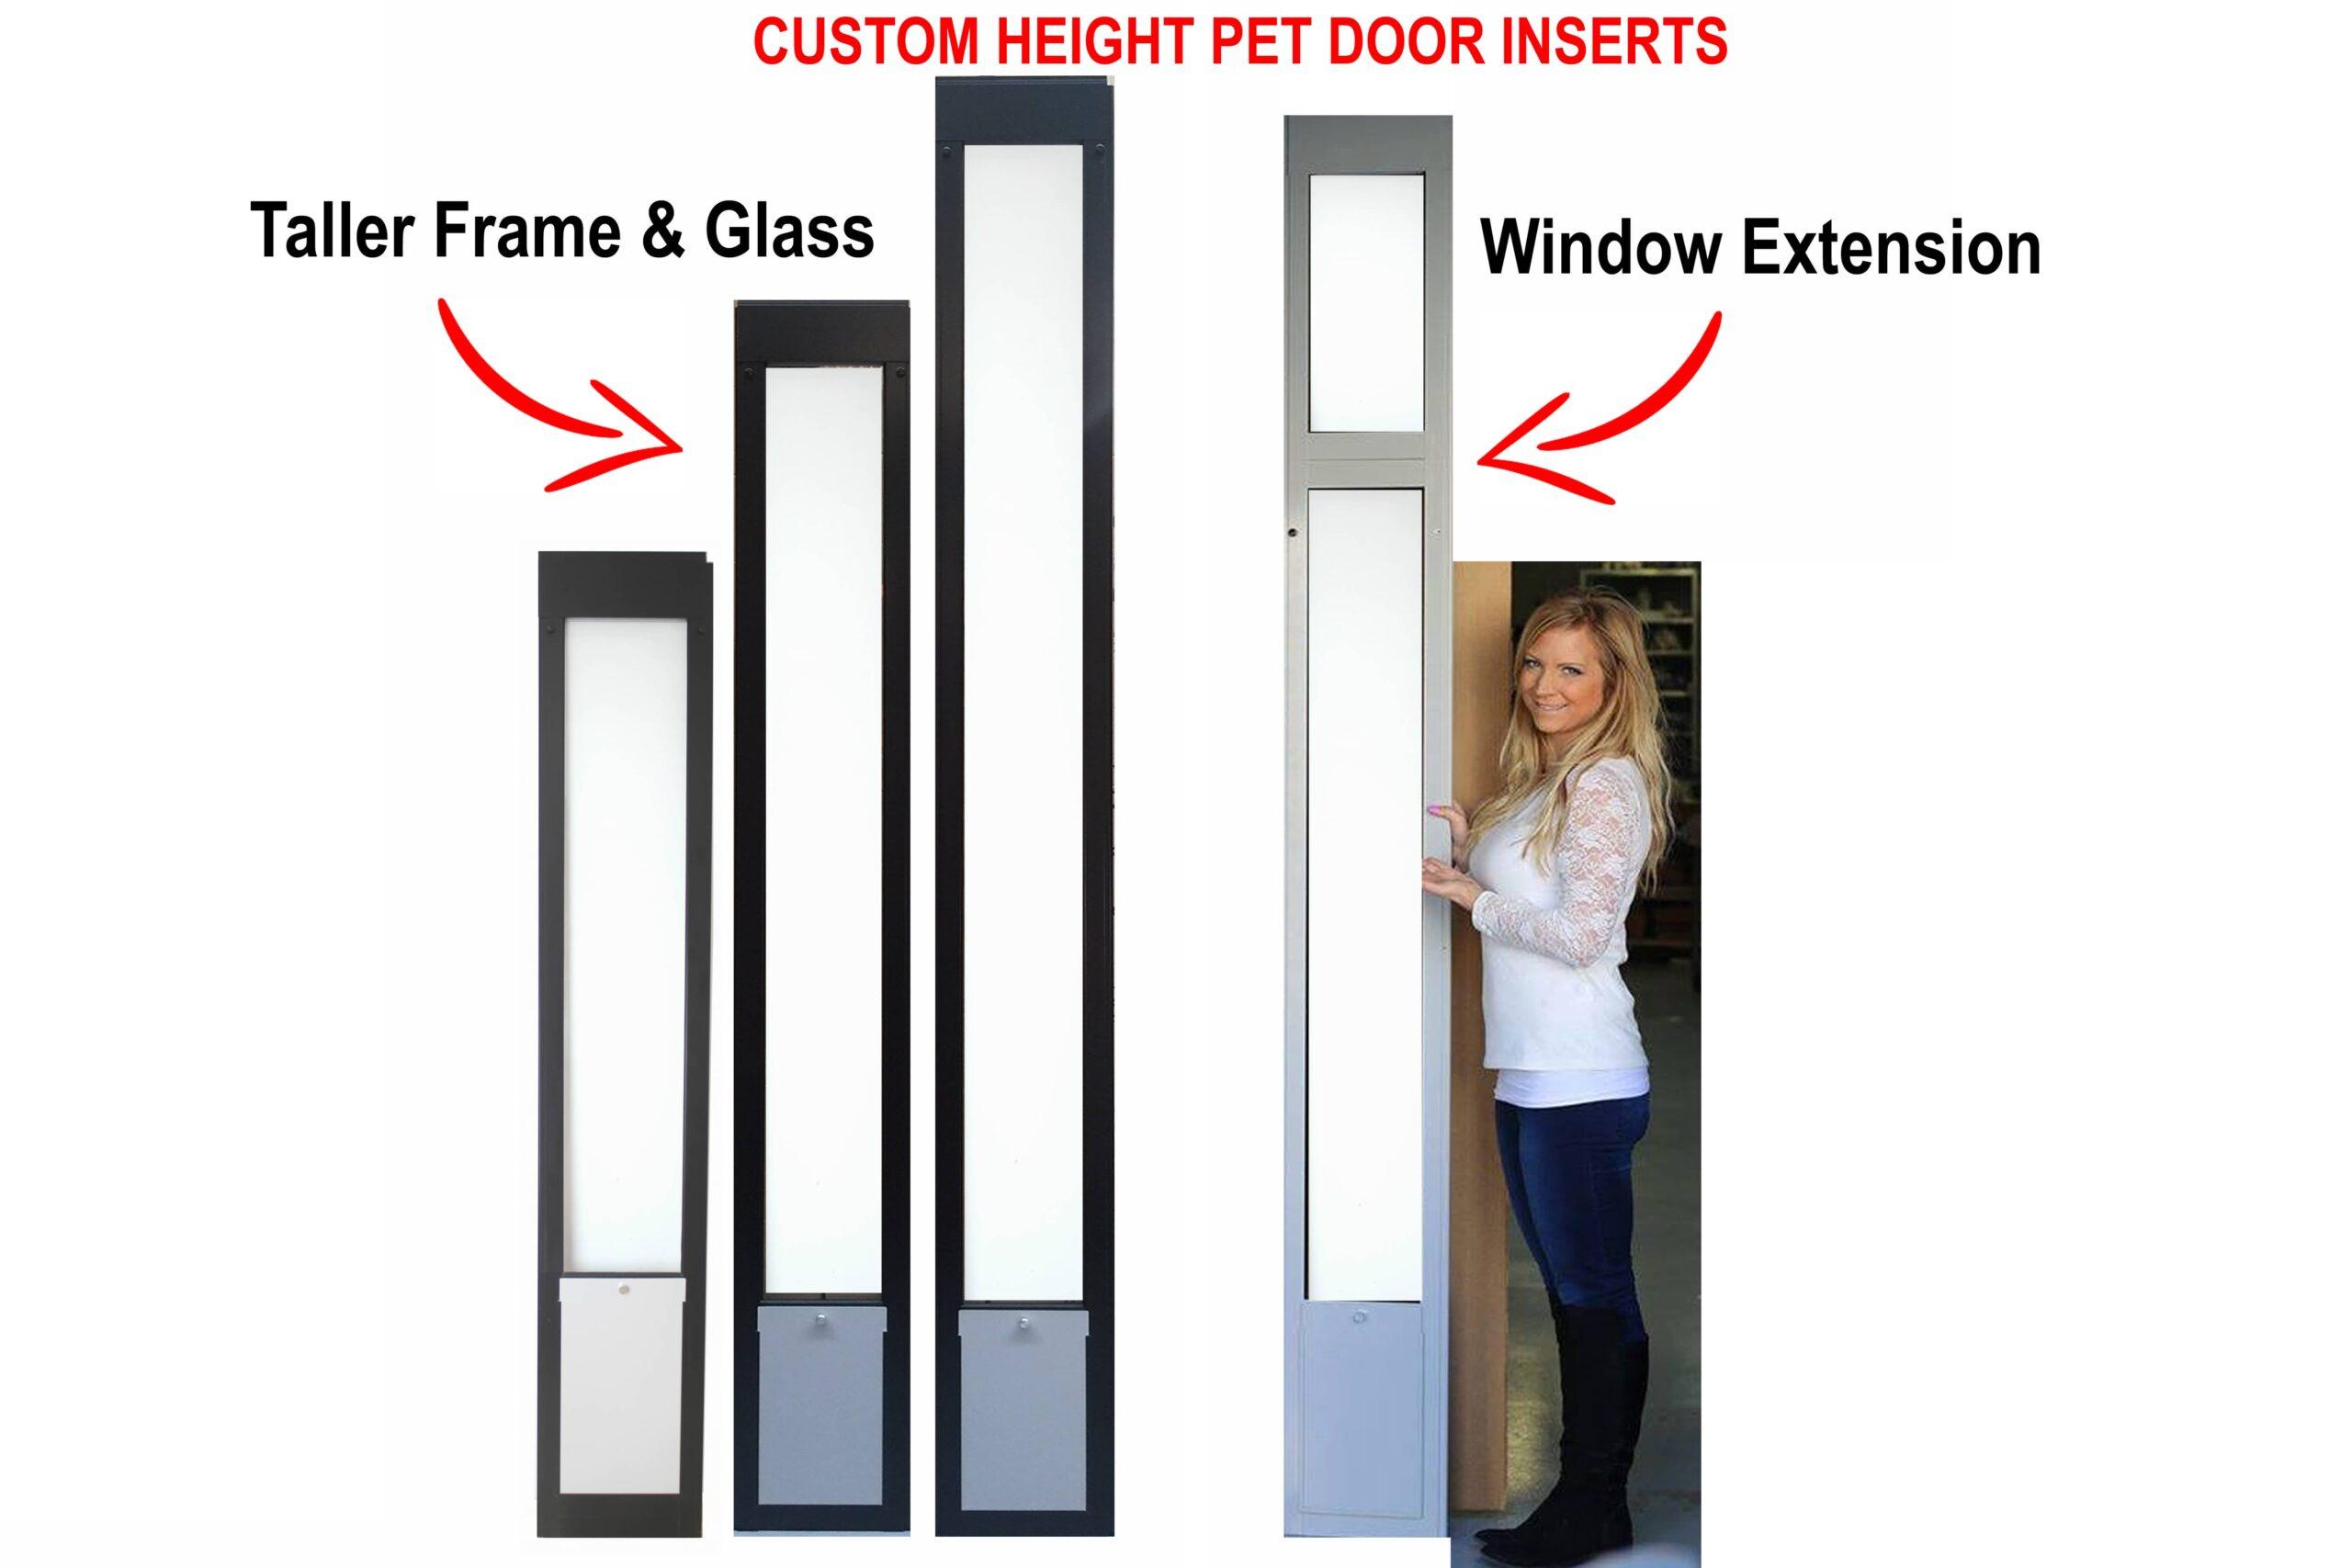 Custom Height Pet Door Inserts